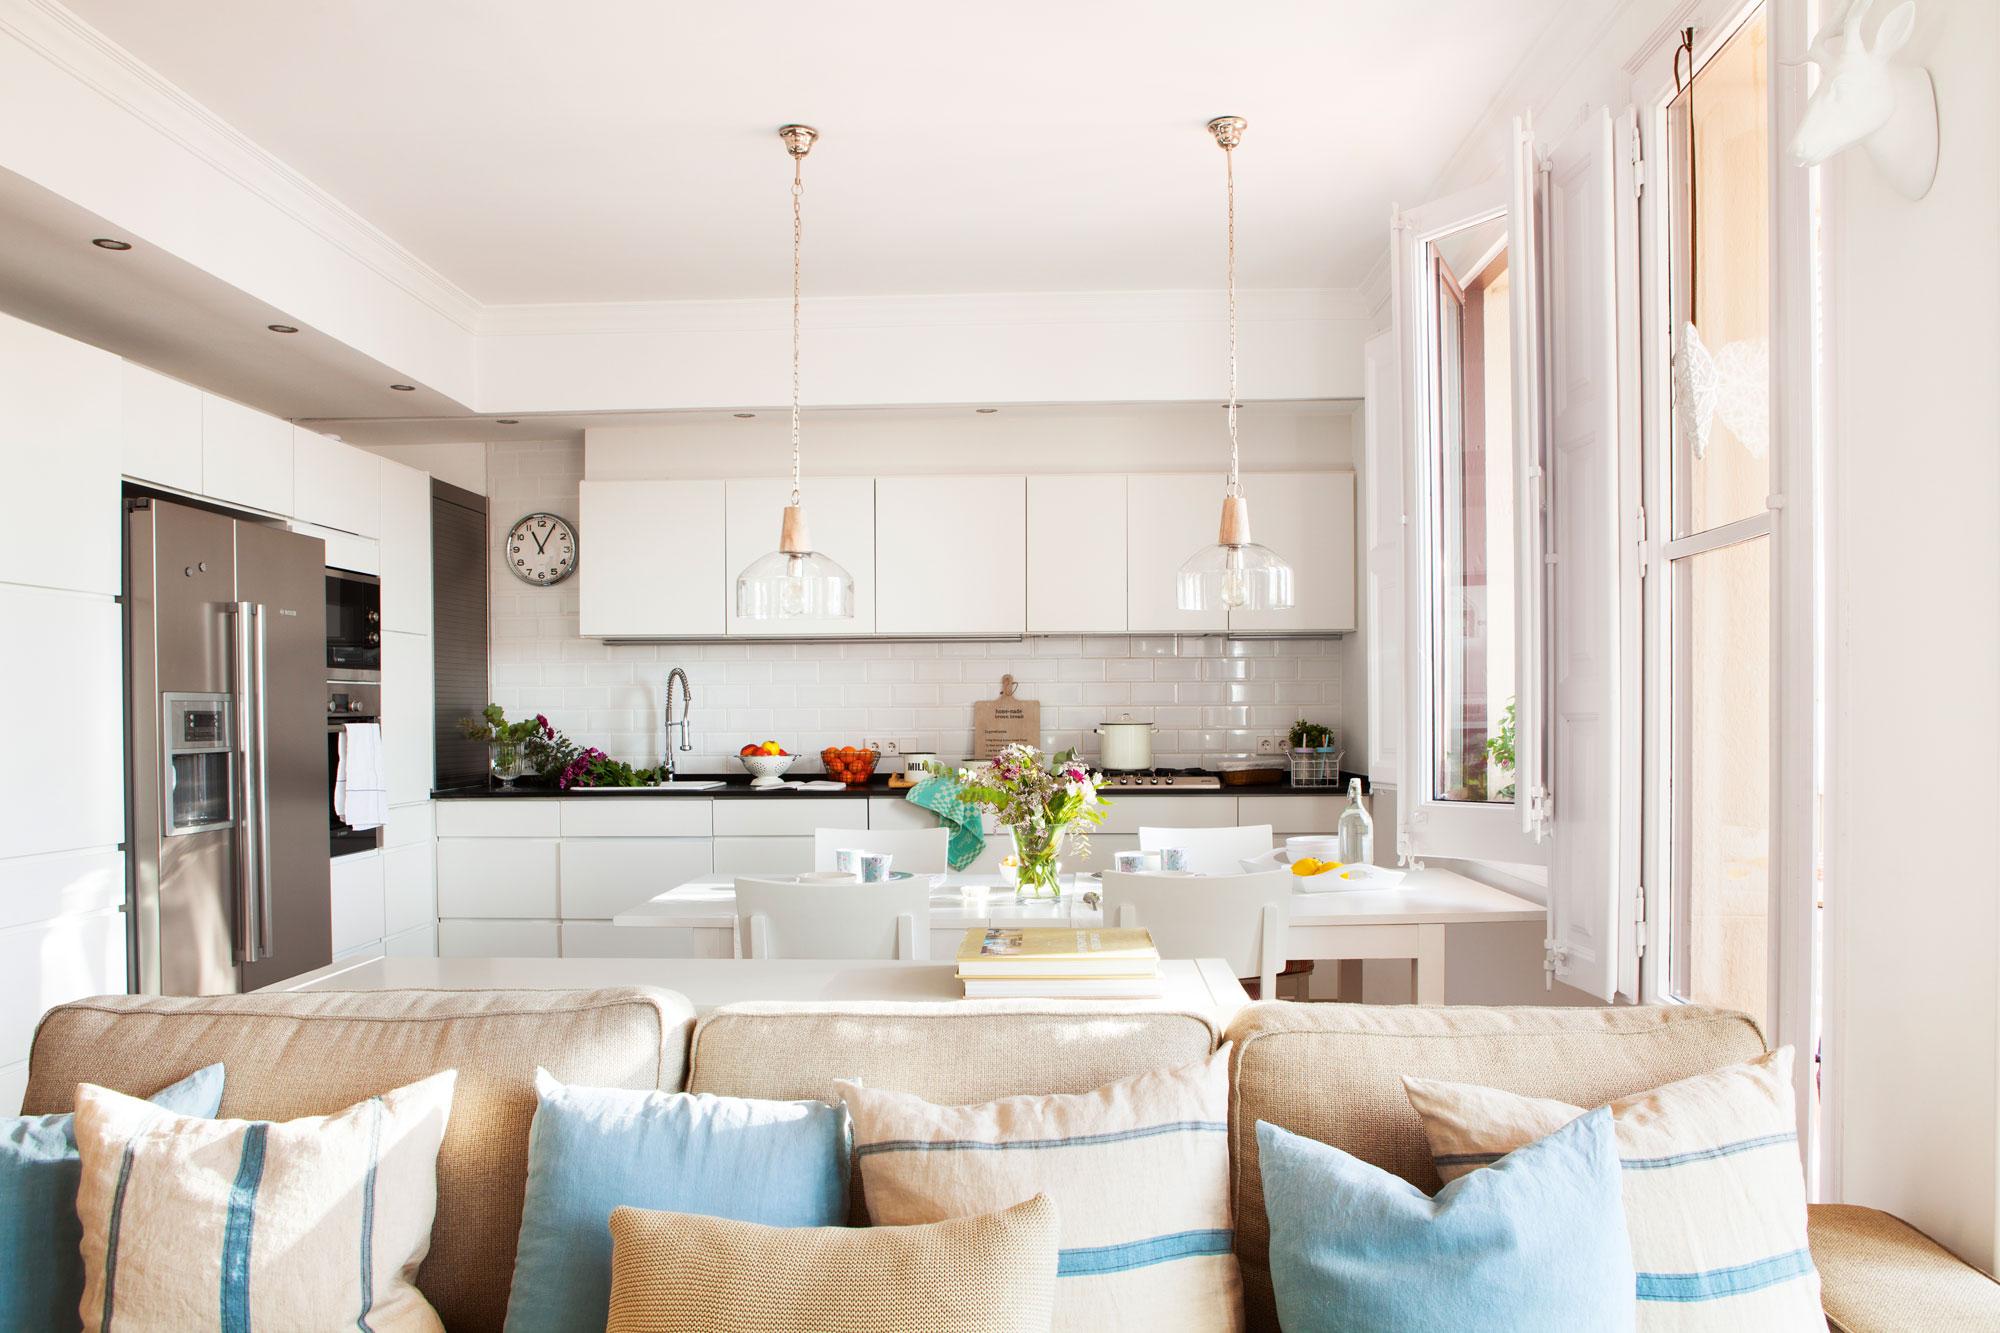 Reformas para ganar luz en casa - Cocina salon comedor integrados ...